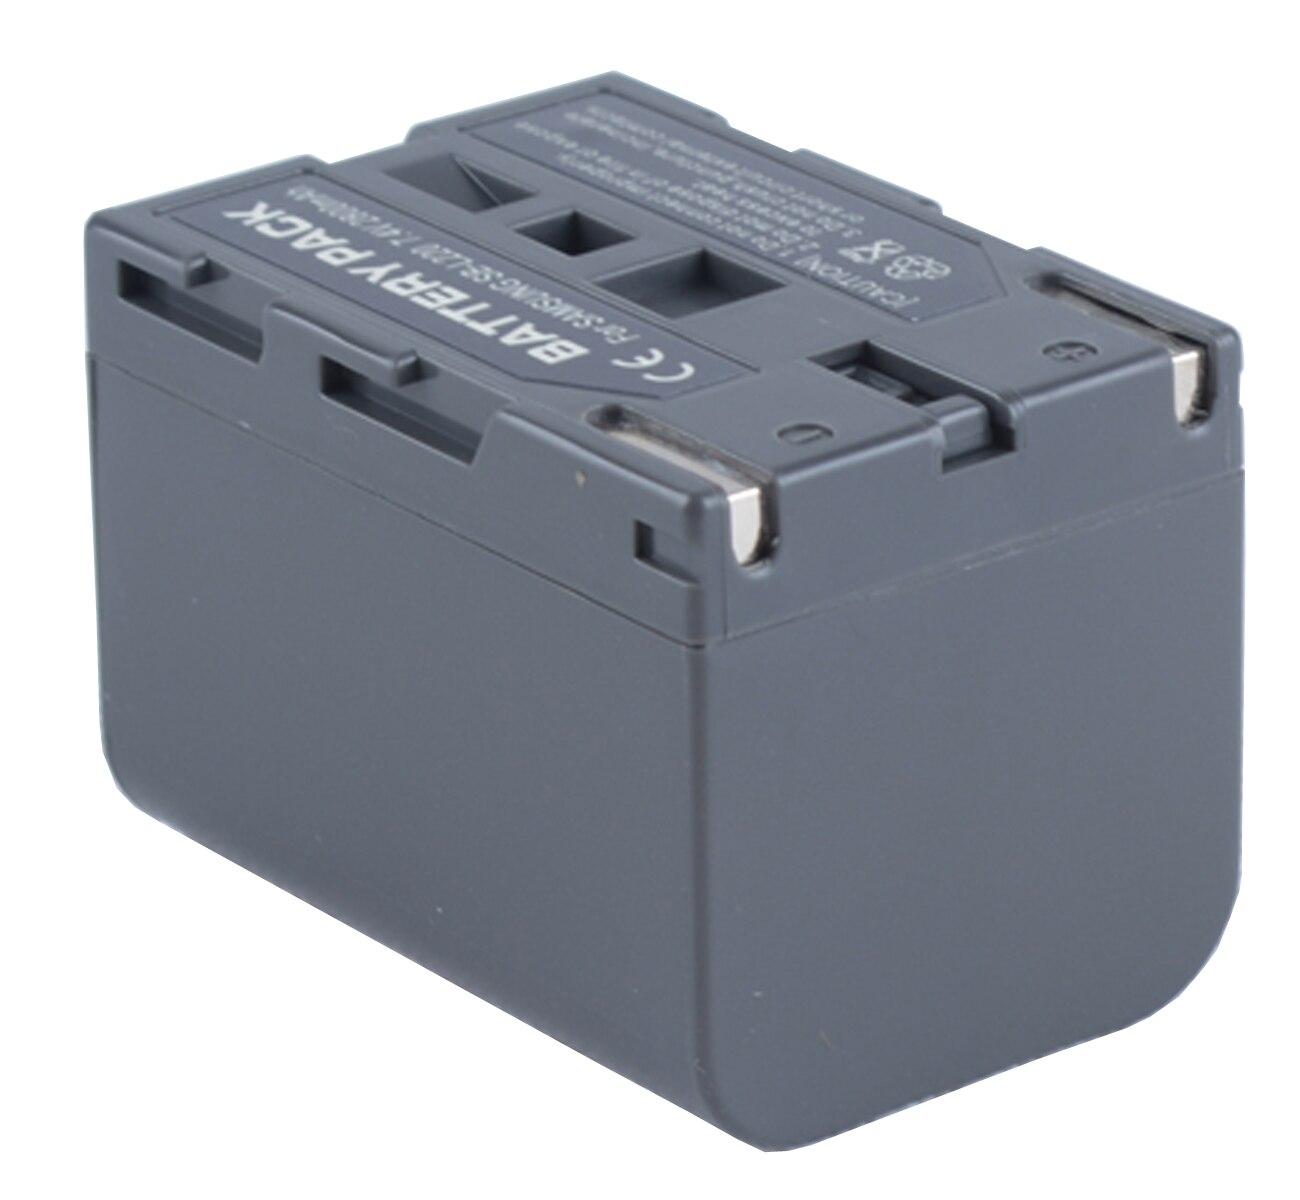 VP-D73i VP-D97i VP-D75i VP-D99i Digital Video Camcorder VP-D93i VP-D76i Battery Pack for Samsung VP-D70i VP-D77i